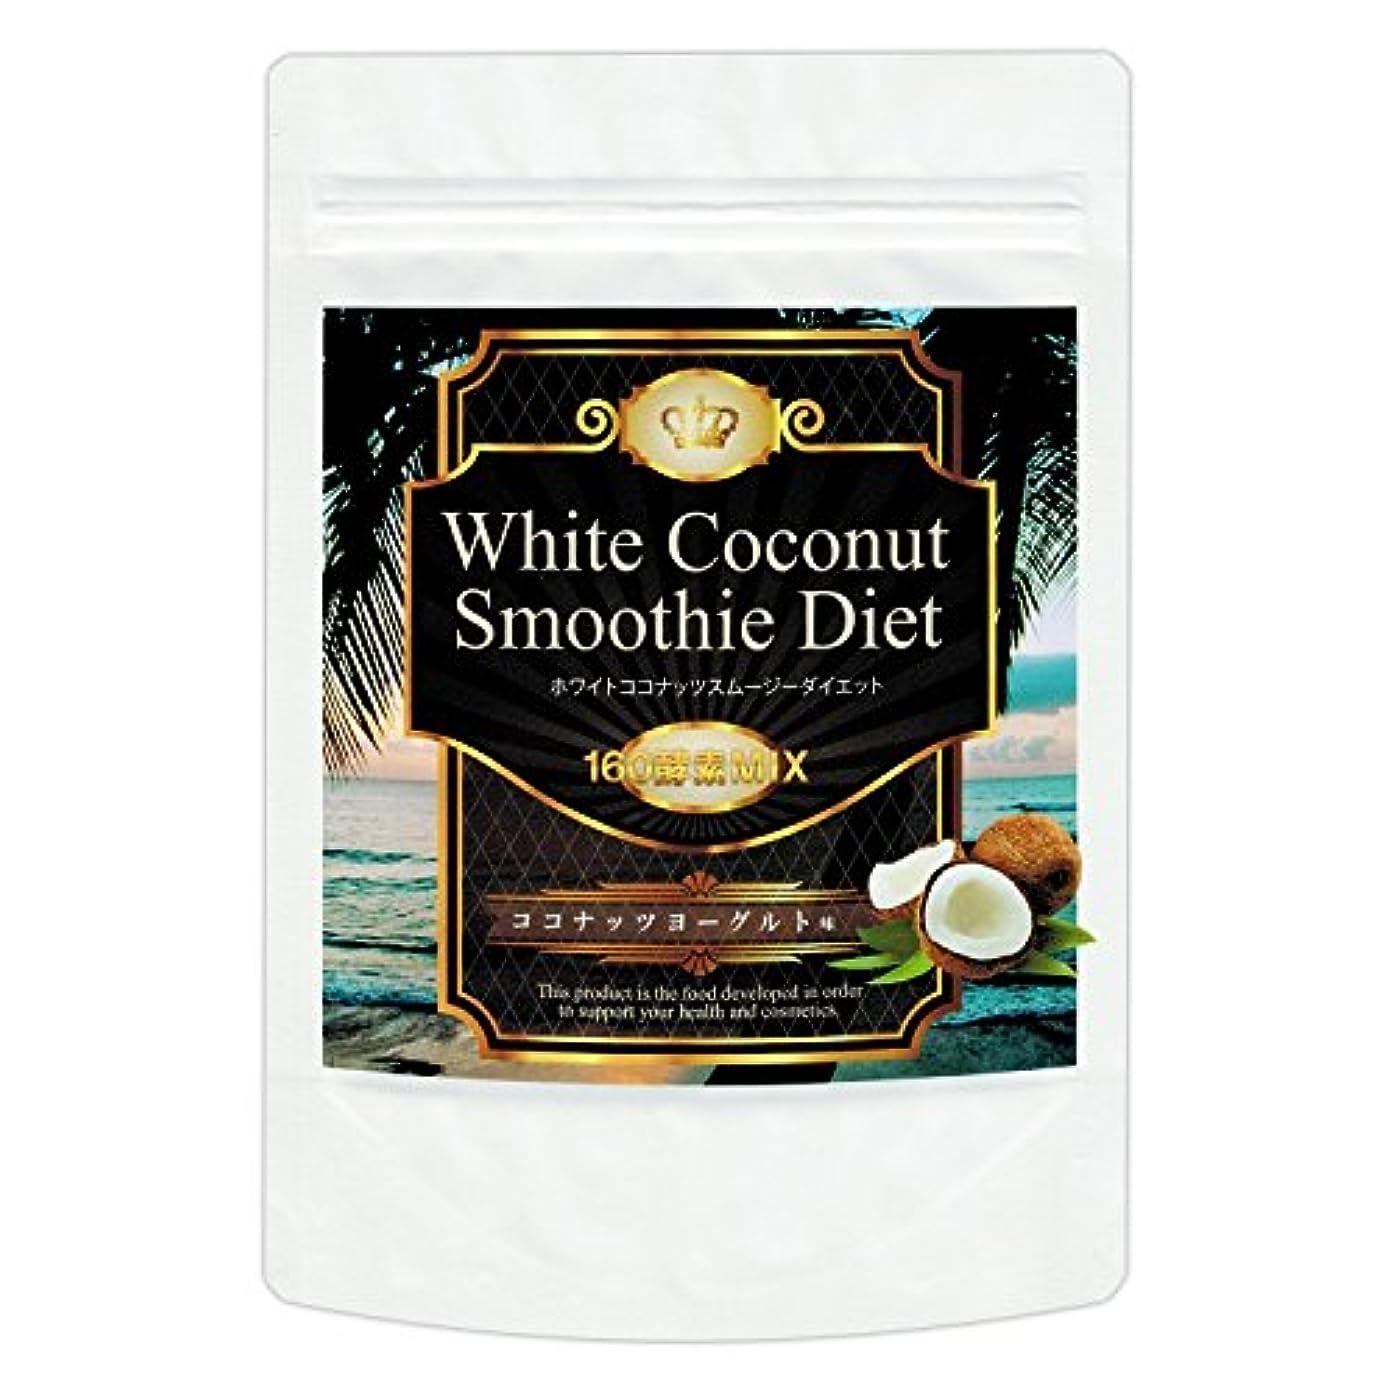 味方こどもの日影響を受けやすいですホワイトココナッツスムージーダイエット(ココナッツヨーグルト味) ~160酵素MIX~